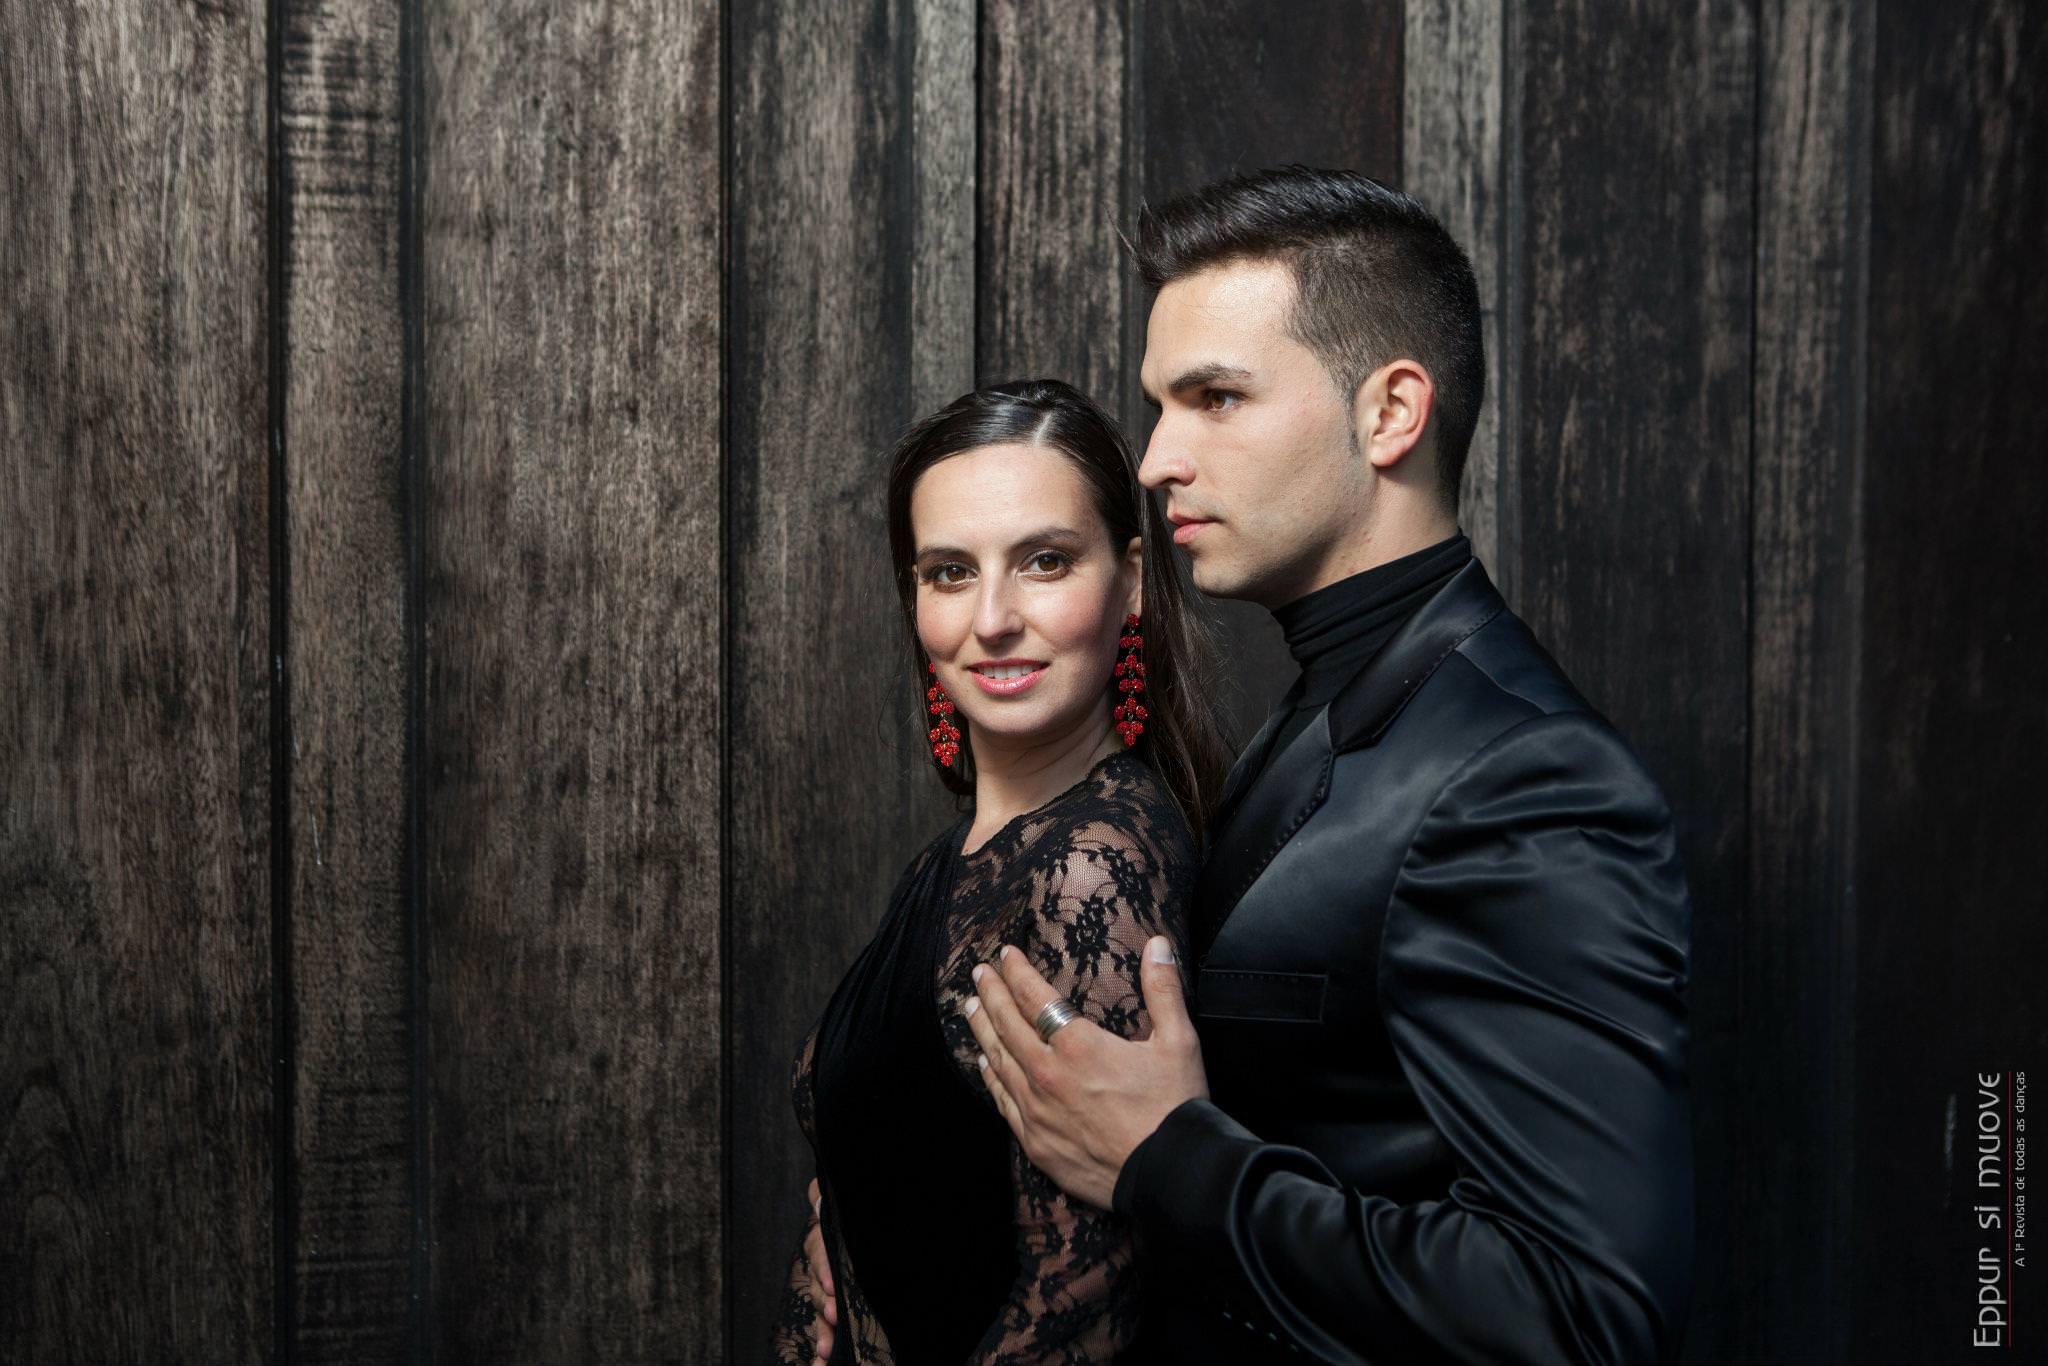 bailarinos e professores de dança Isabel Costa e Nelson Pinto